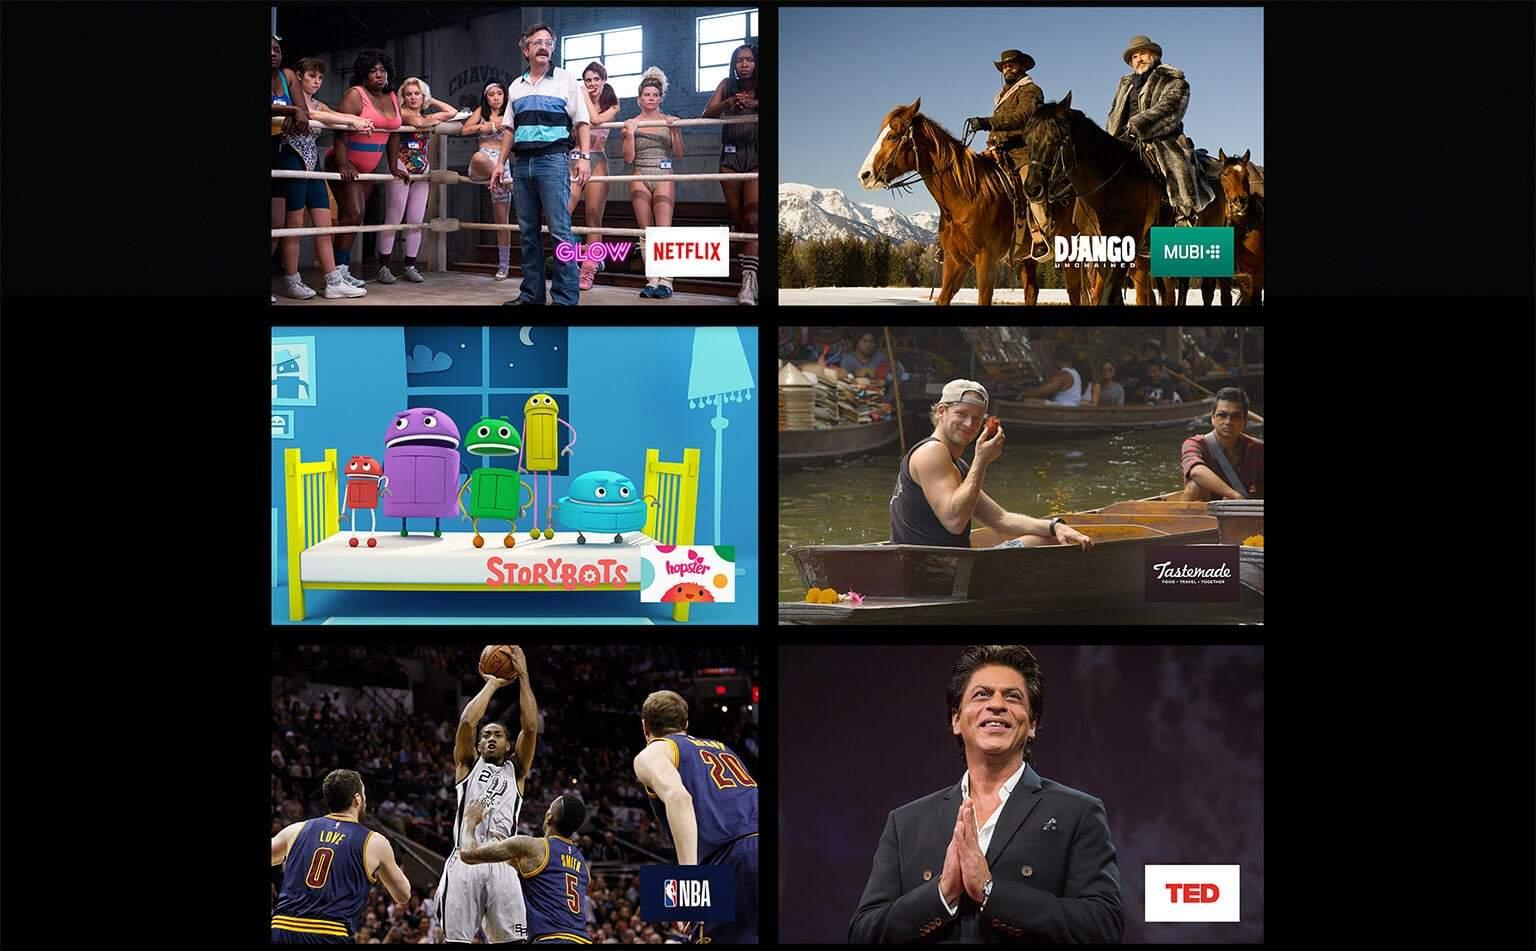 AppleTV shows